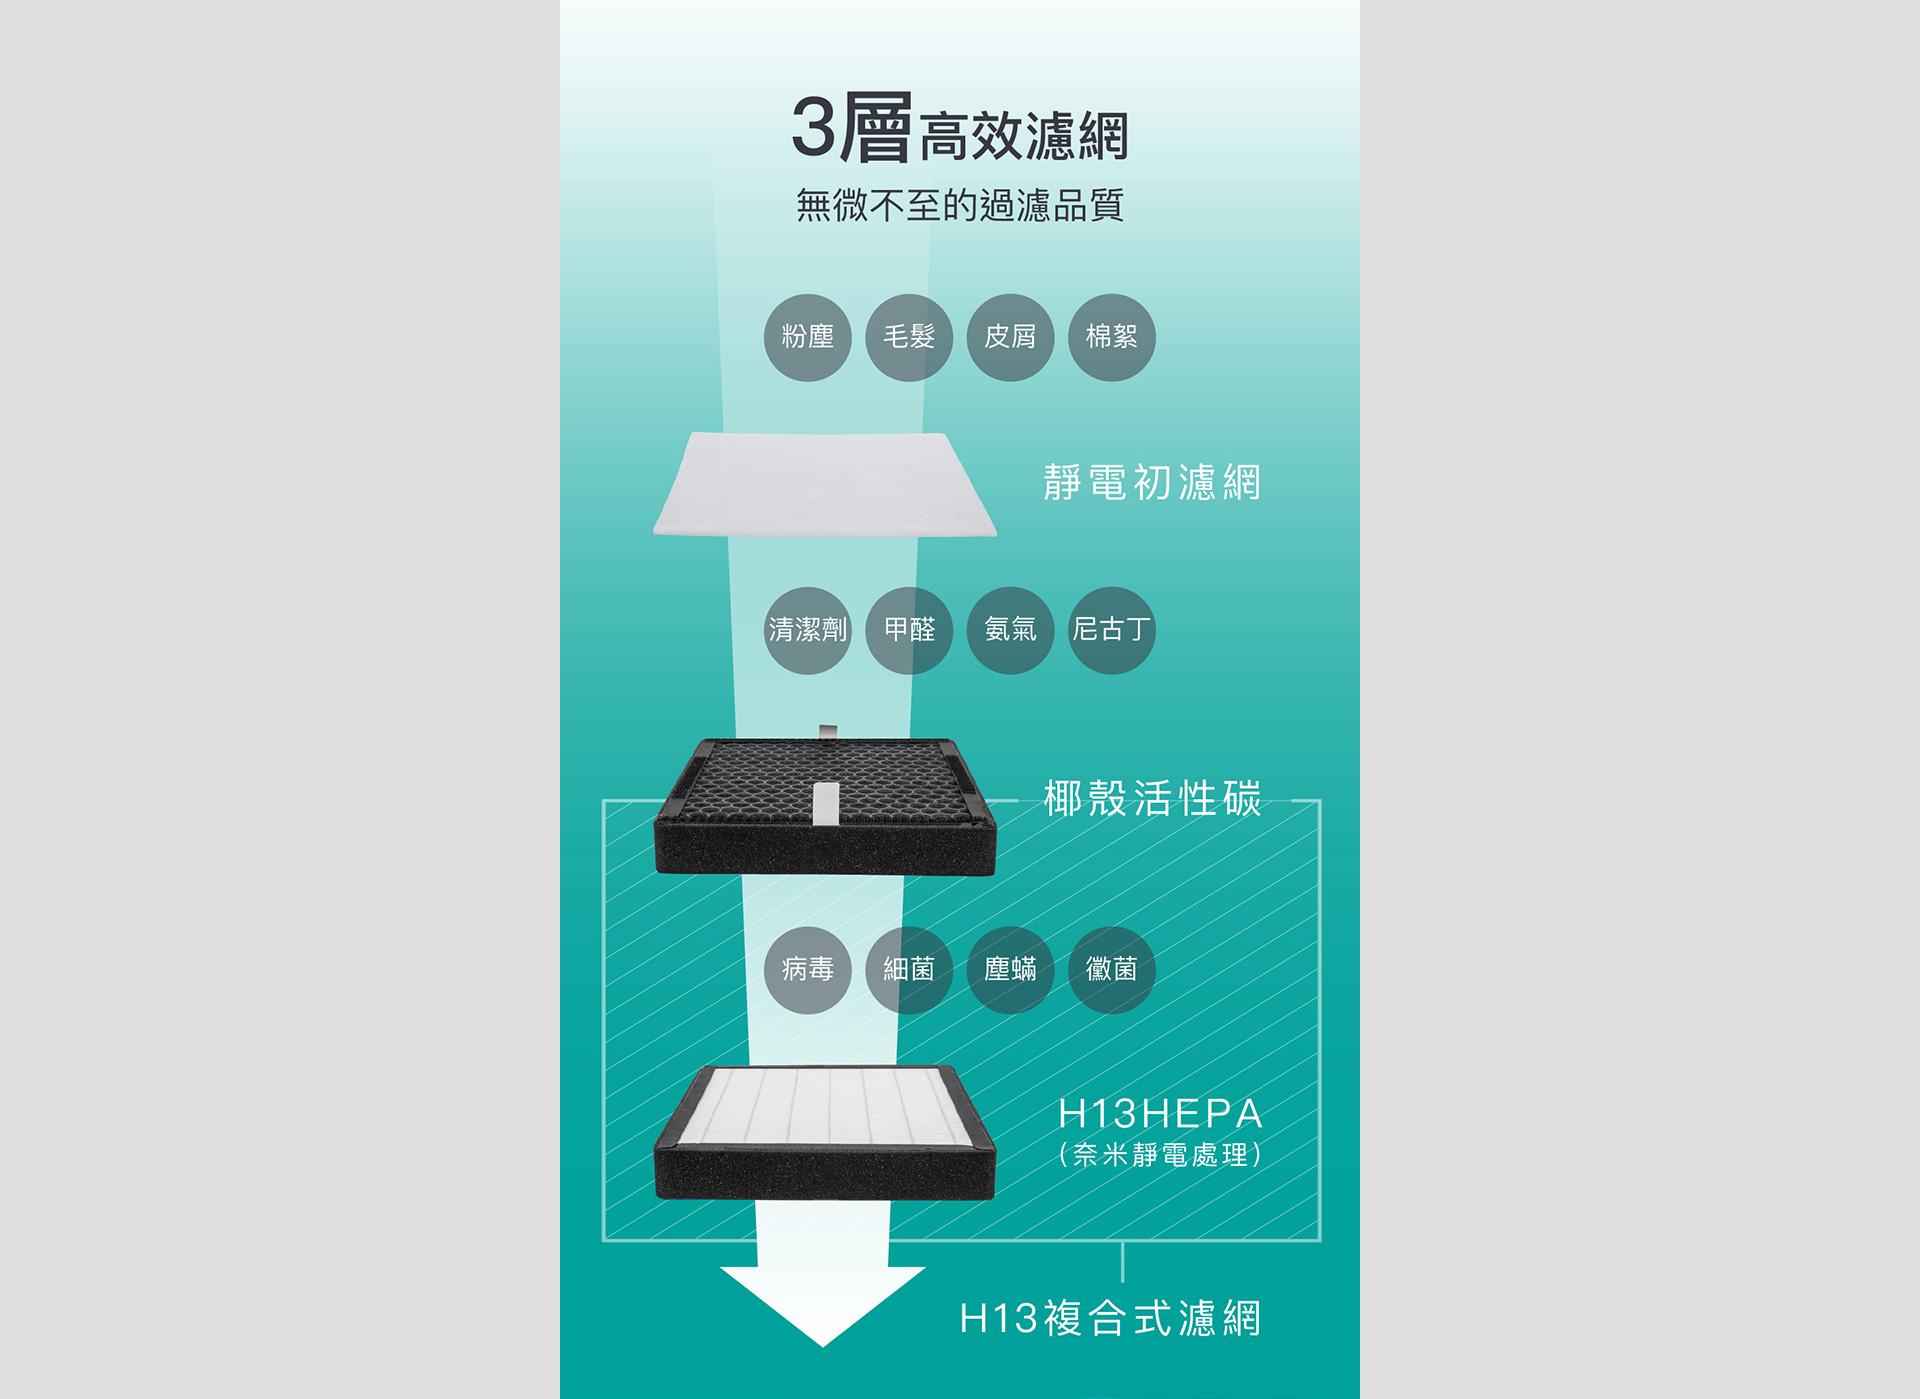 f101_14周年慶-Mobile版_20191104_V4_pc_08